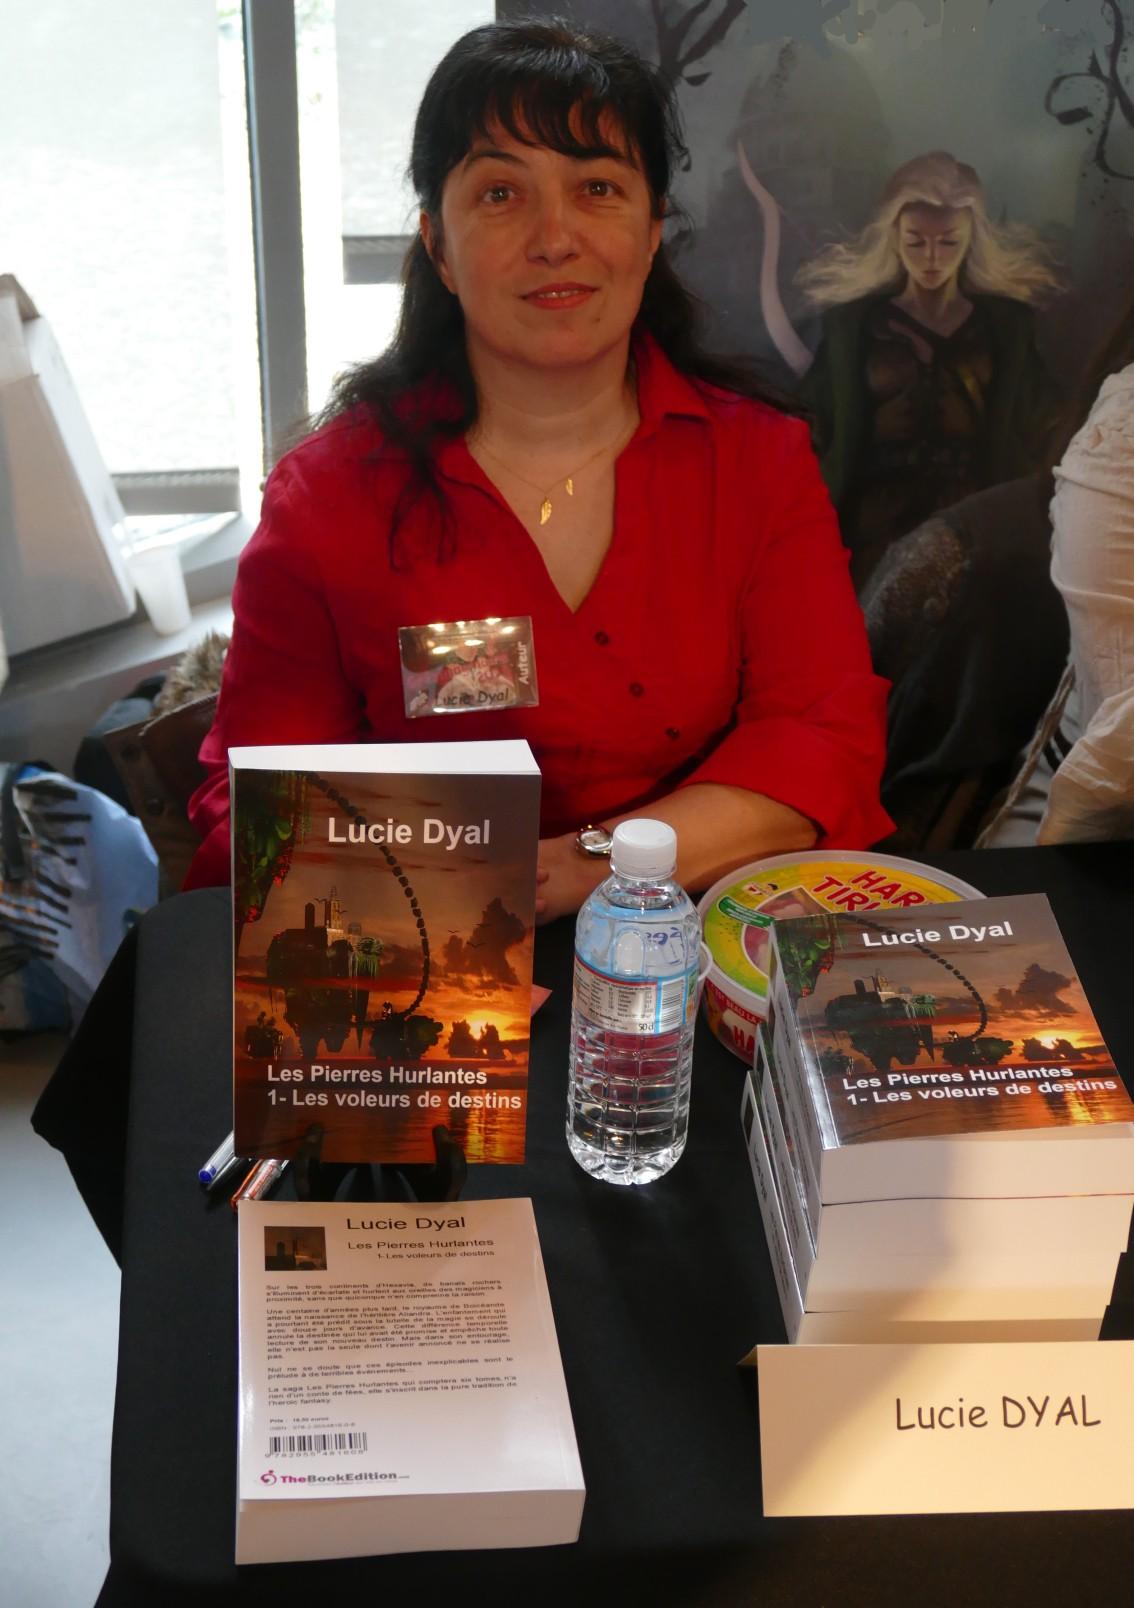 Lucie Dyal